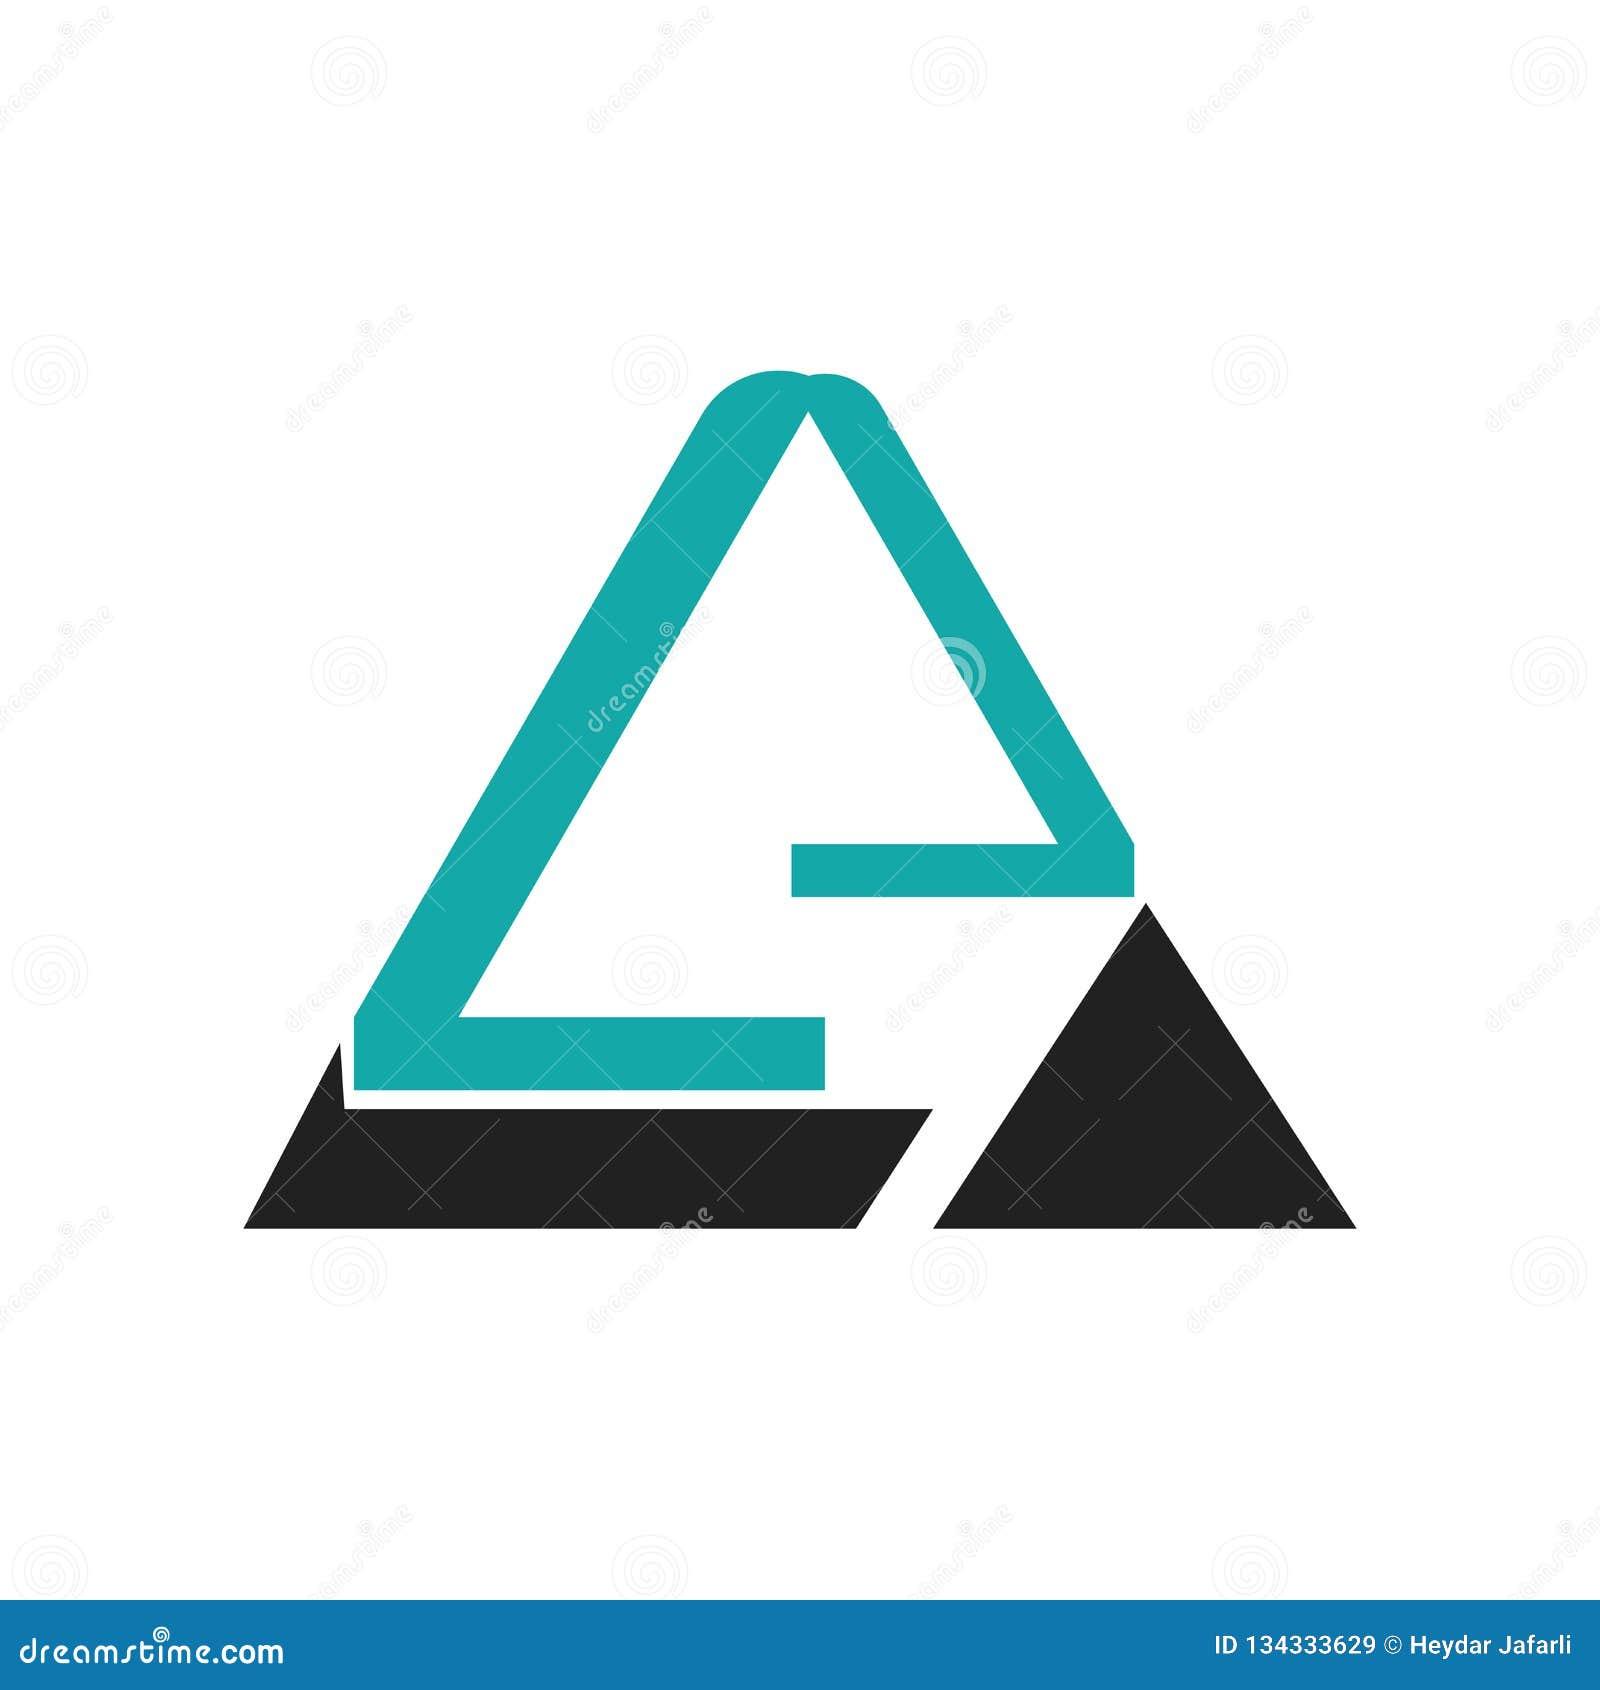 Segno grafico e simbolo di vettore dell icona della piramide triangolare isolati su fondo bianco, concetto grafico di logo della